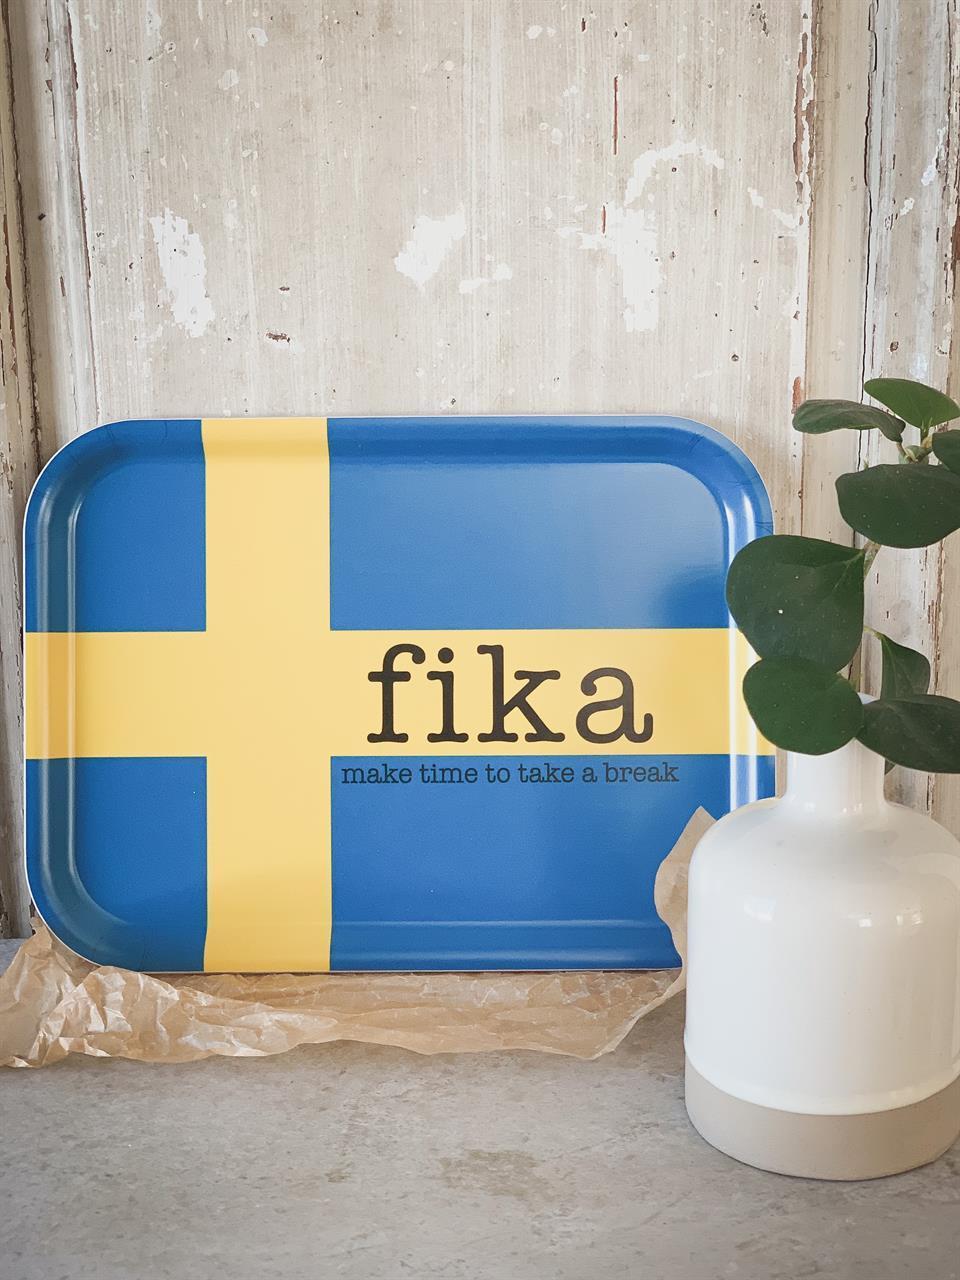 Bricka 27x20 cm, Make time FIKA, svenska flaggan